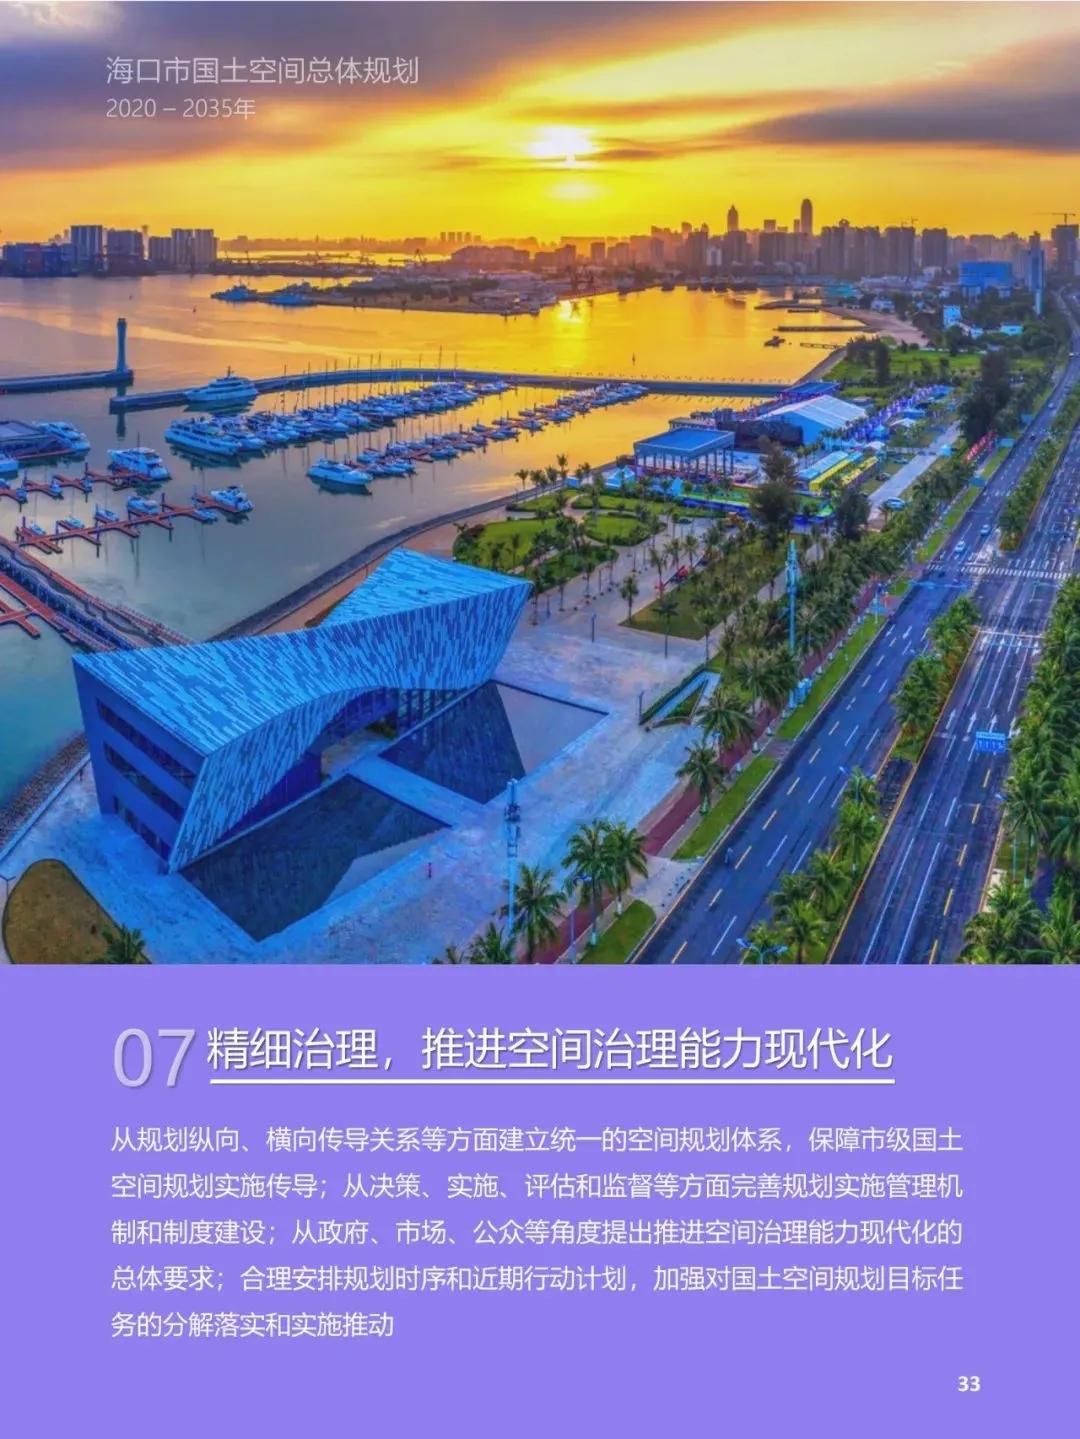 《海口市国土空间总体规划(2020-2035)(公众版)》公示